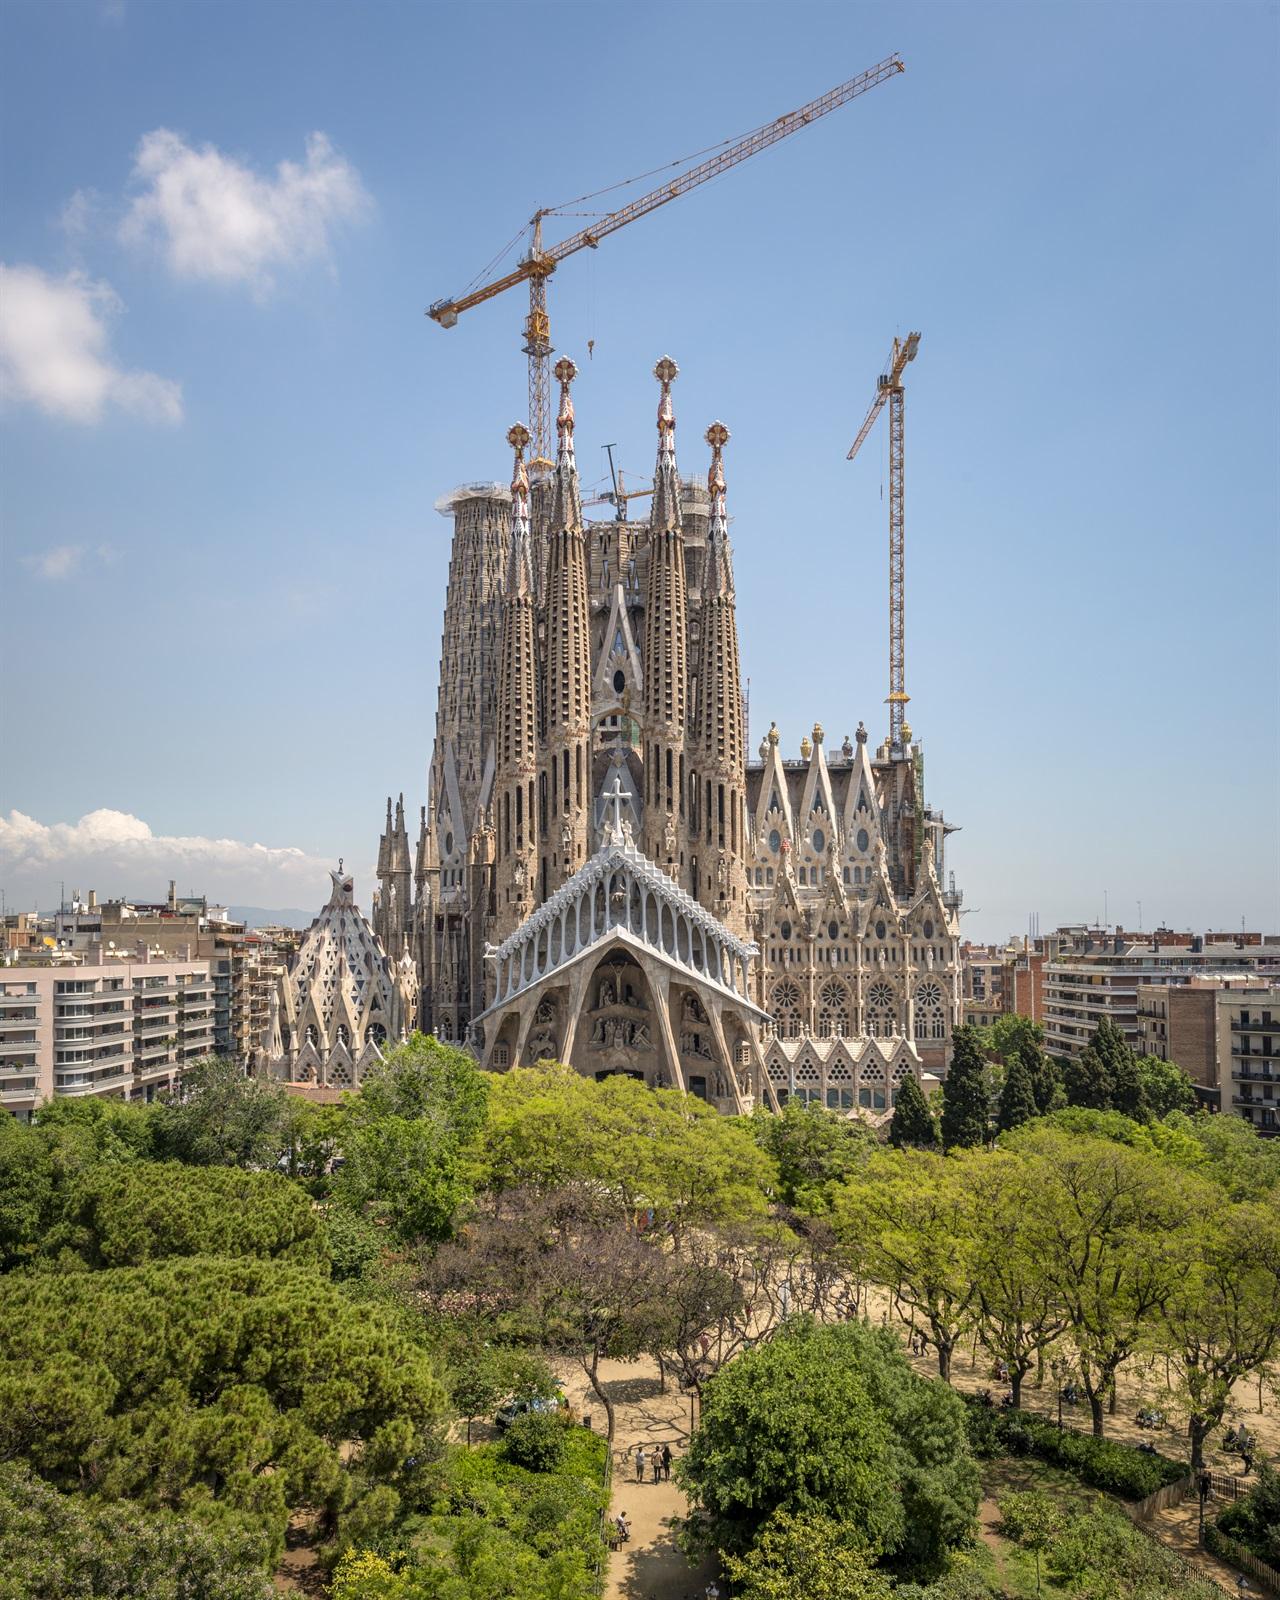 Les infermeres i els infermers de Barcelona podran visitar la Sagrada Família de forma gratuïta